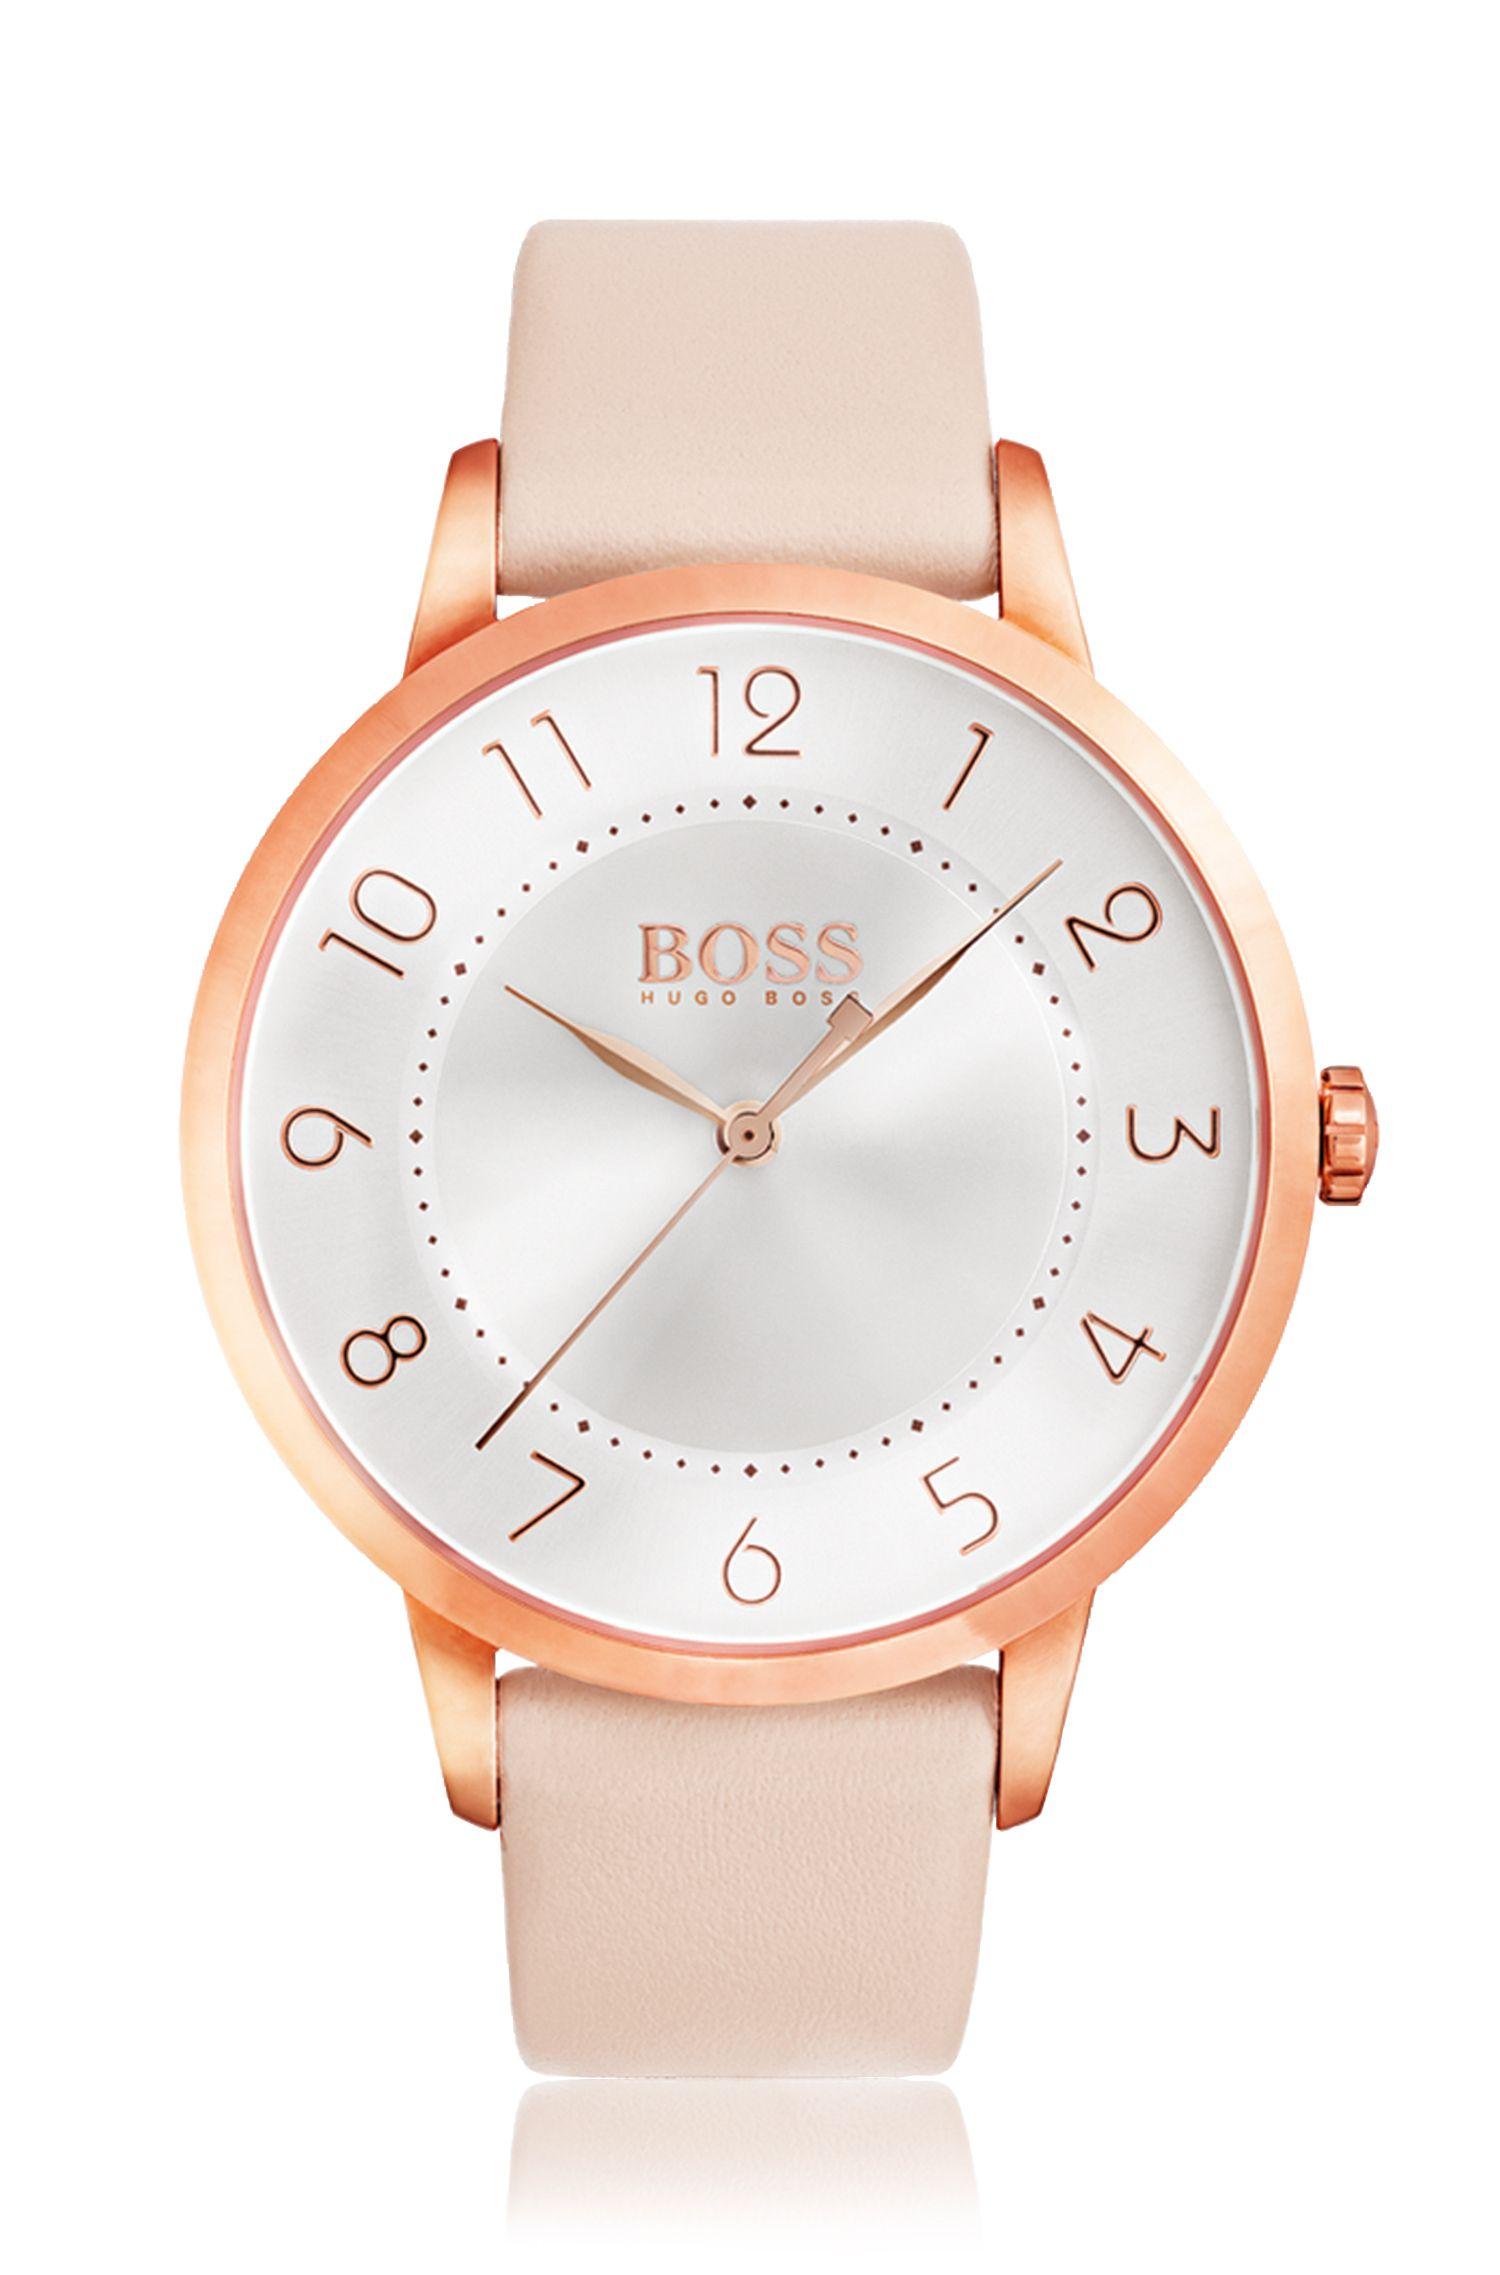 Reloj de tres manecillas en acero de color oro rosado